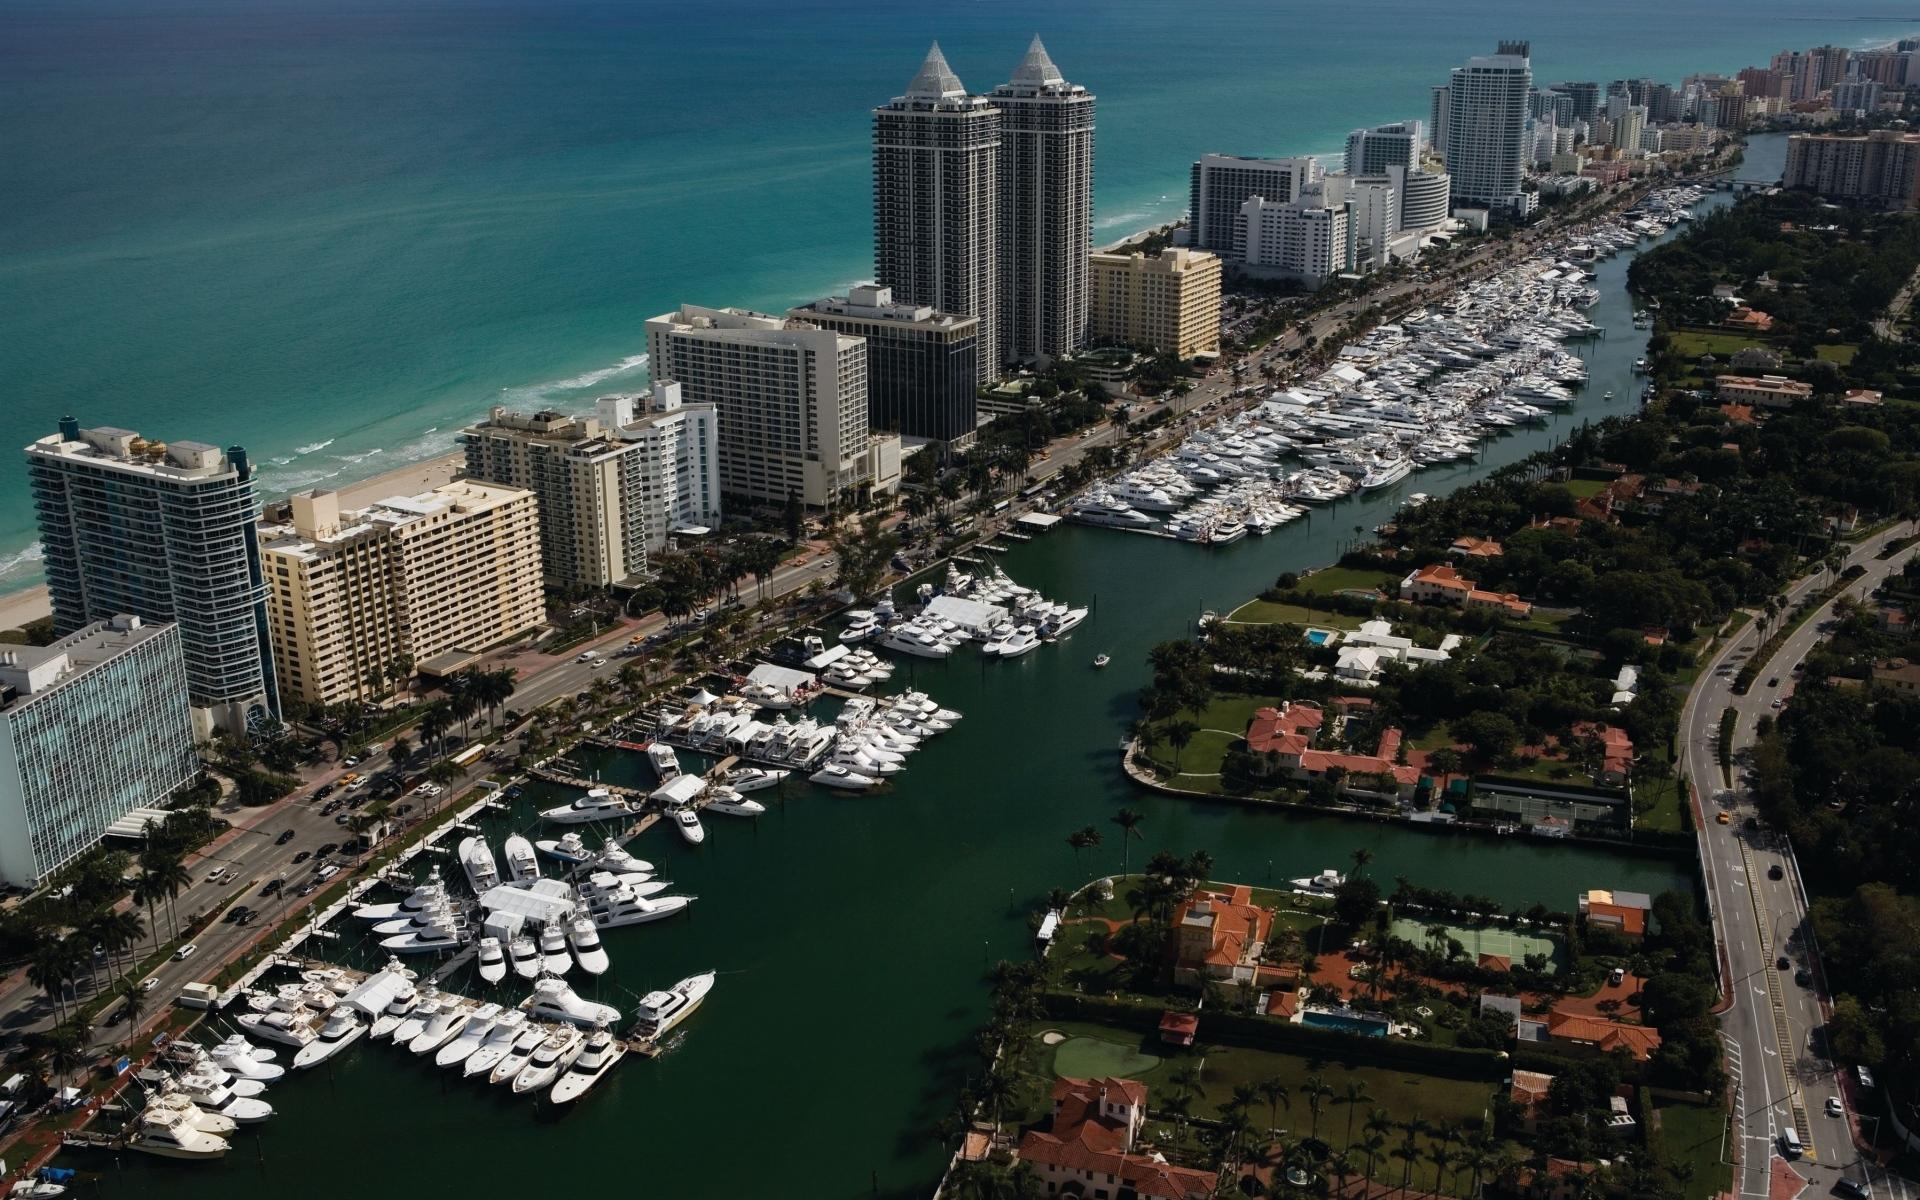 Картинки Майами, яхты, дома, море, пальмы фото и обои на рабочий стол